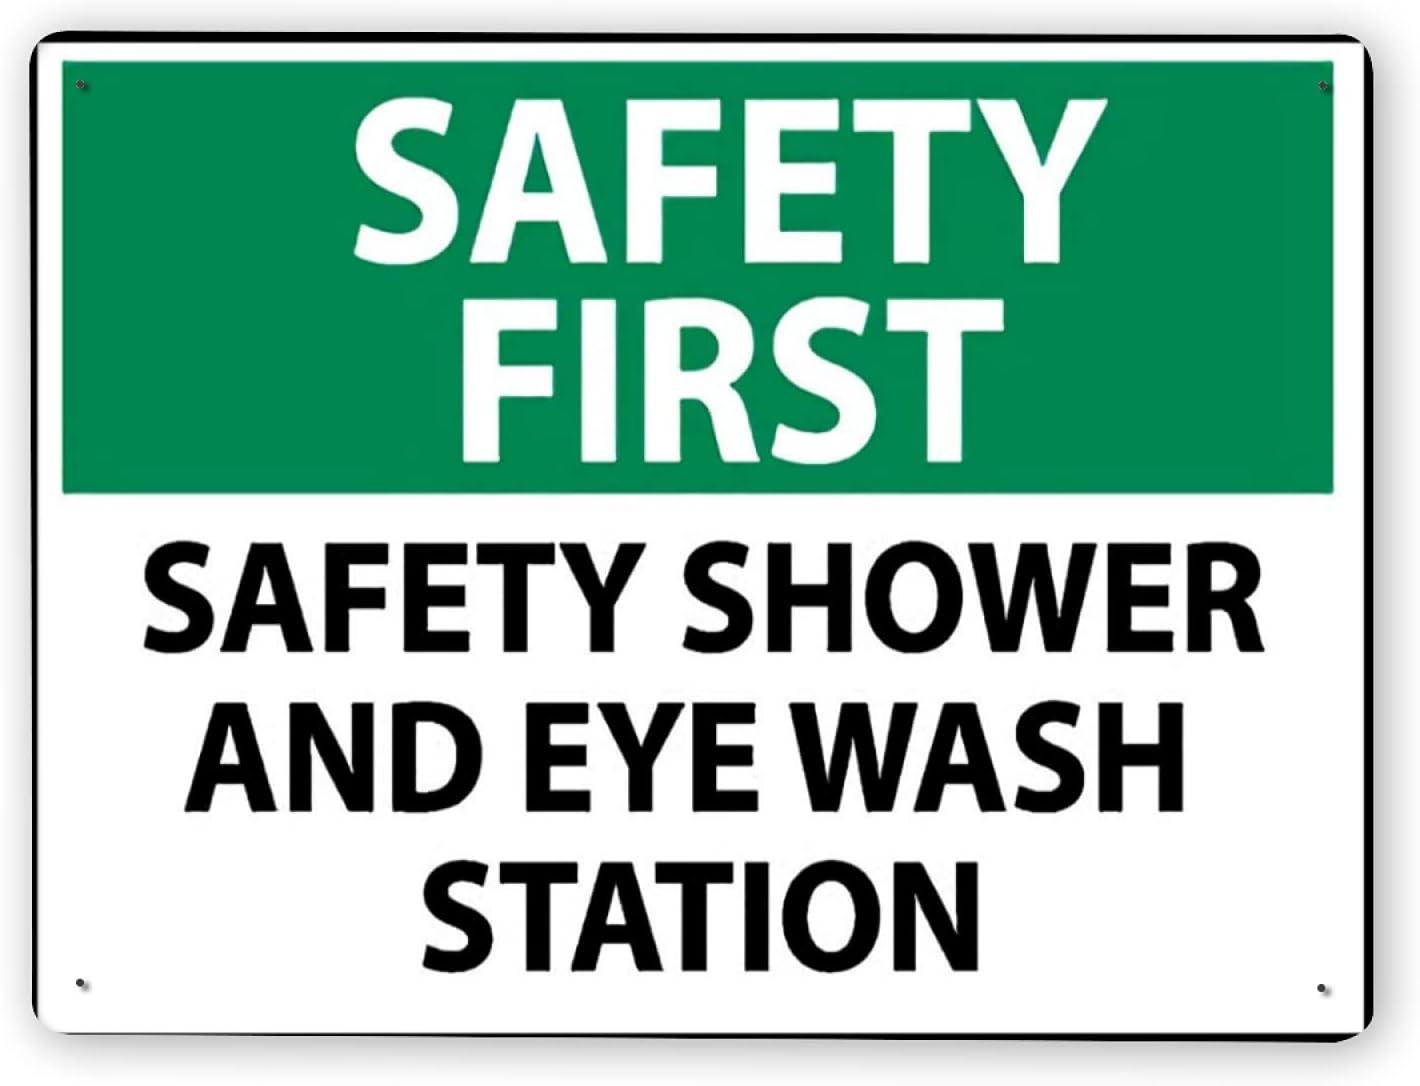 Señal de advertencia,LA SEGURIDAD ES PRIMERO Estación de ducha y lavaojos de seguridad,Señal de advertencia de tráfico de pintura de decoración de metal de aluminio de estaño 12x16 Inch